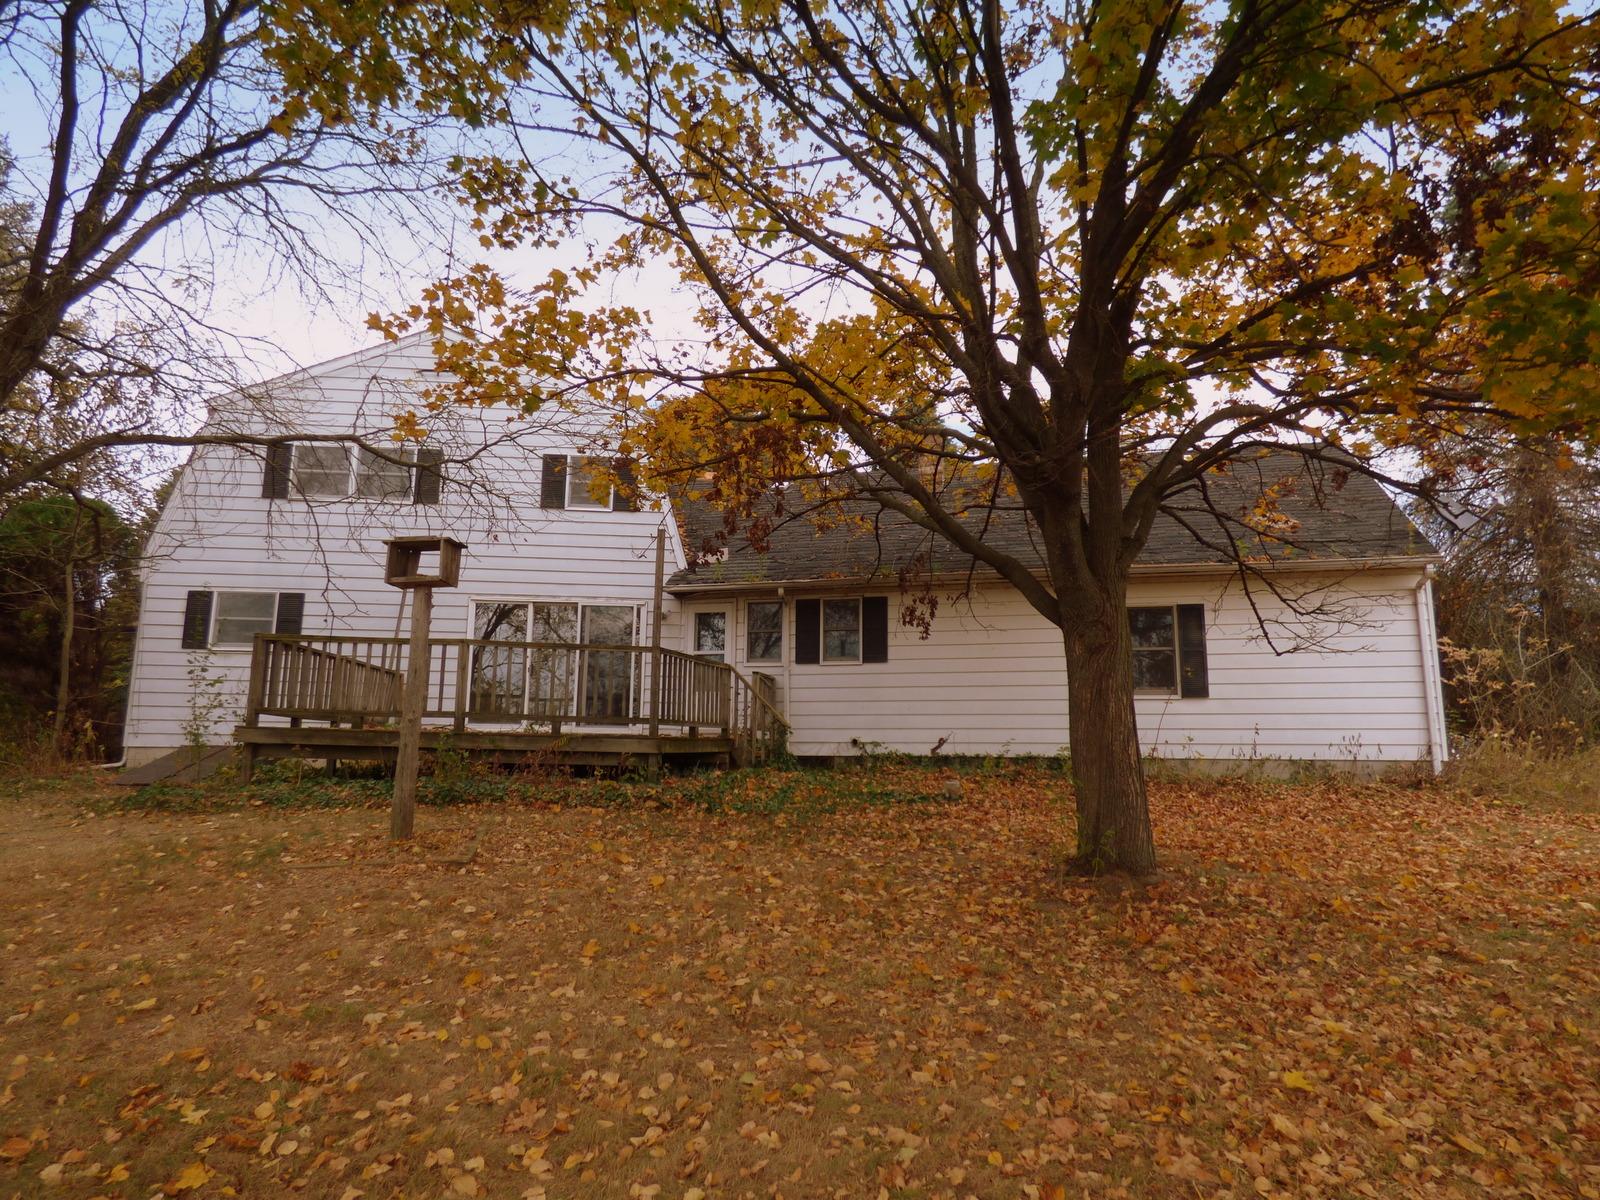 16333 Lowery, Chelsea, Michigan 48118